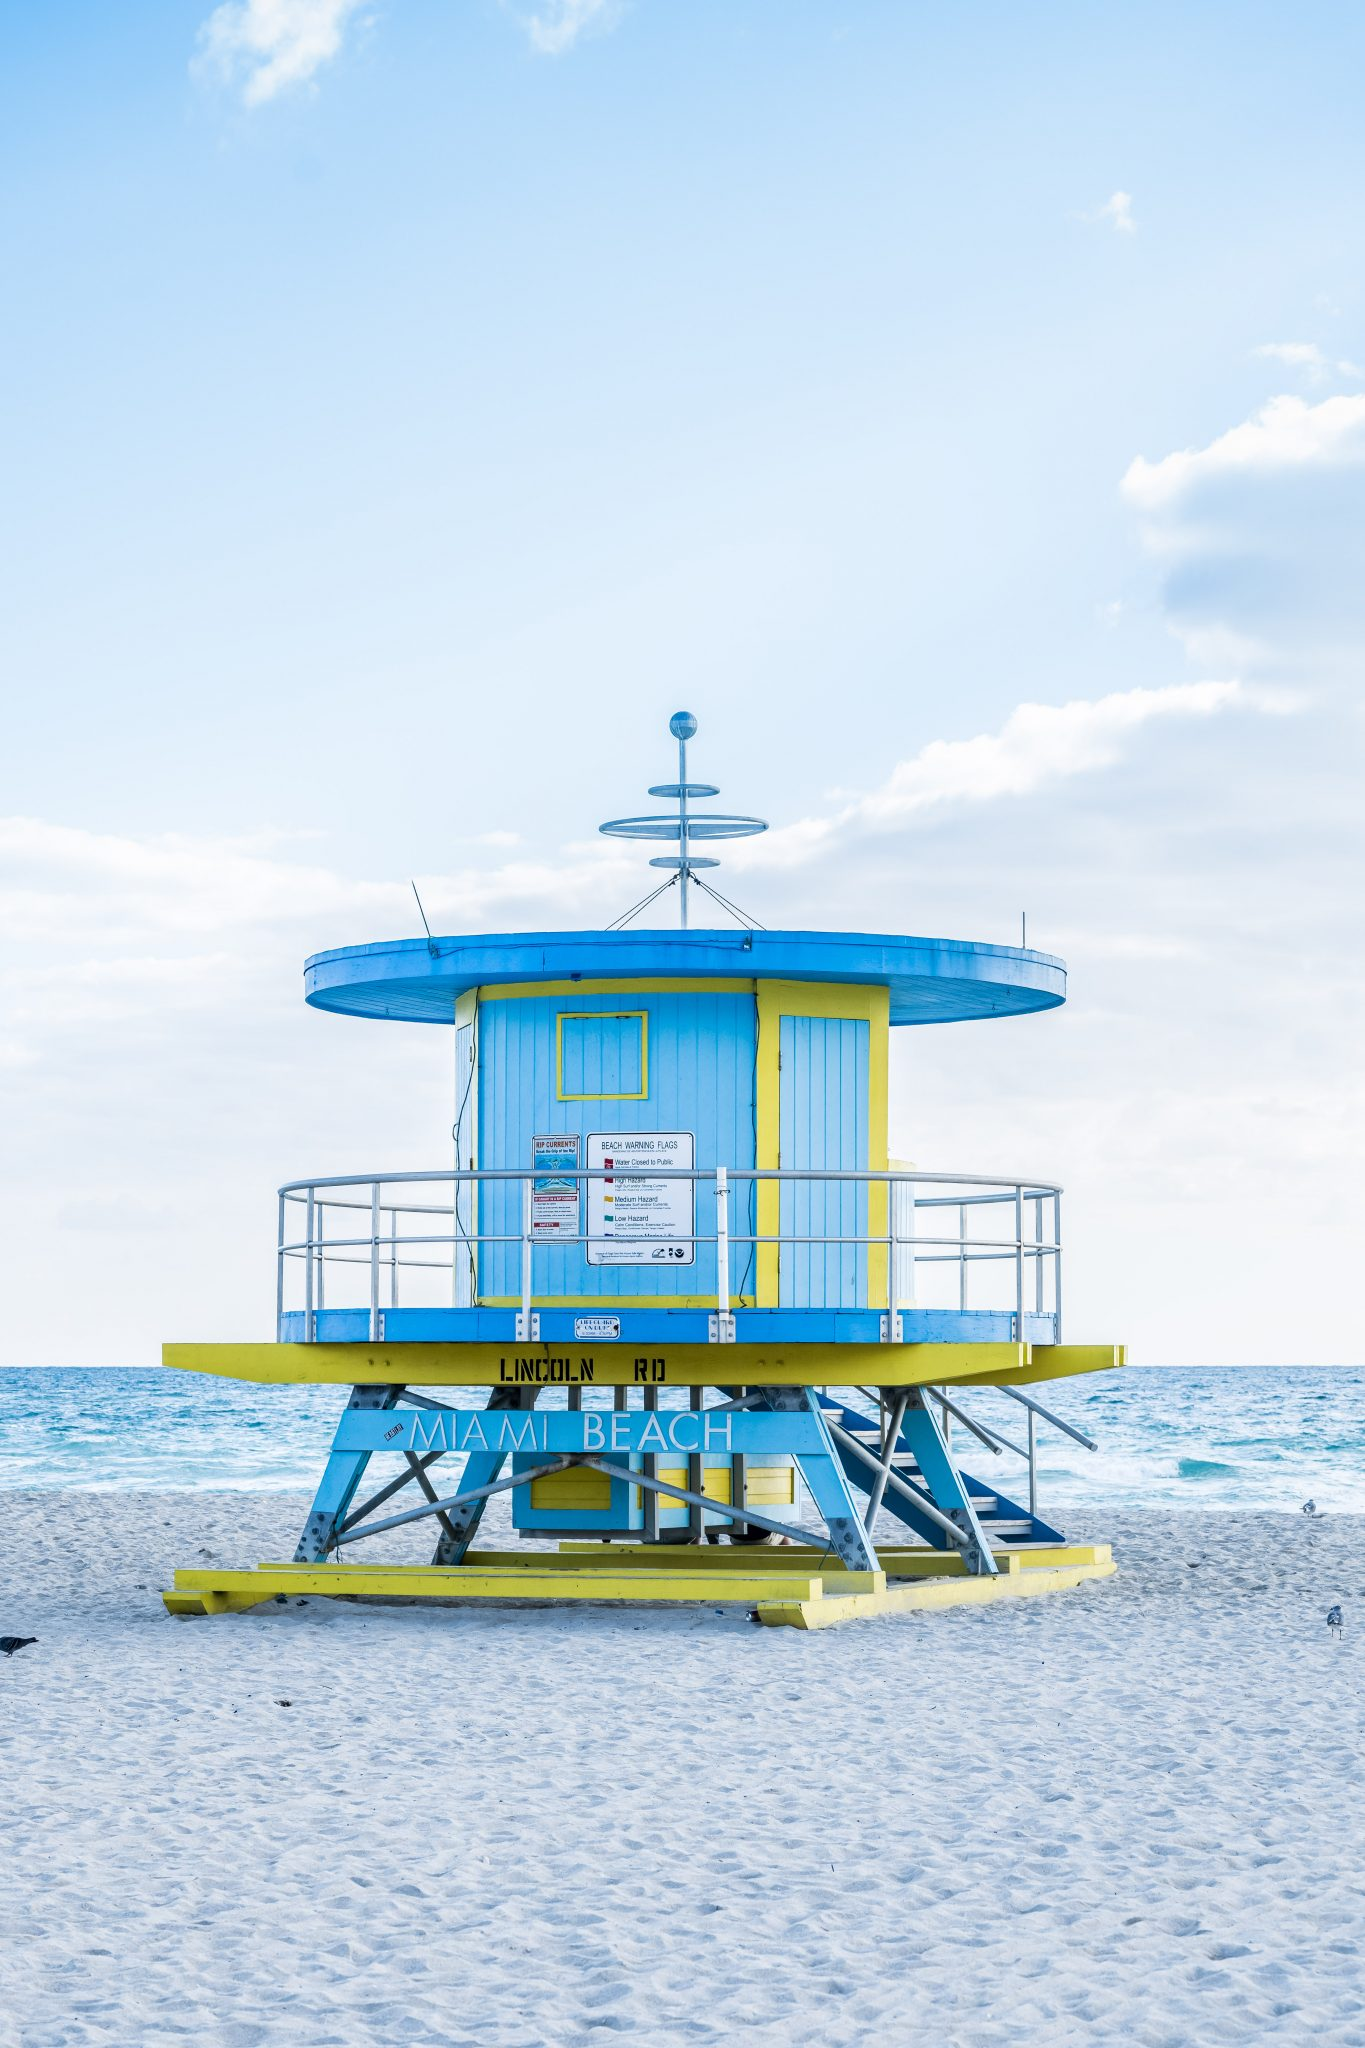 lifeguard Miami